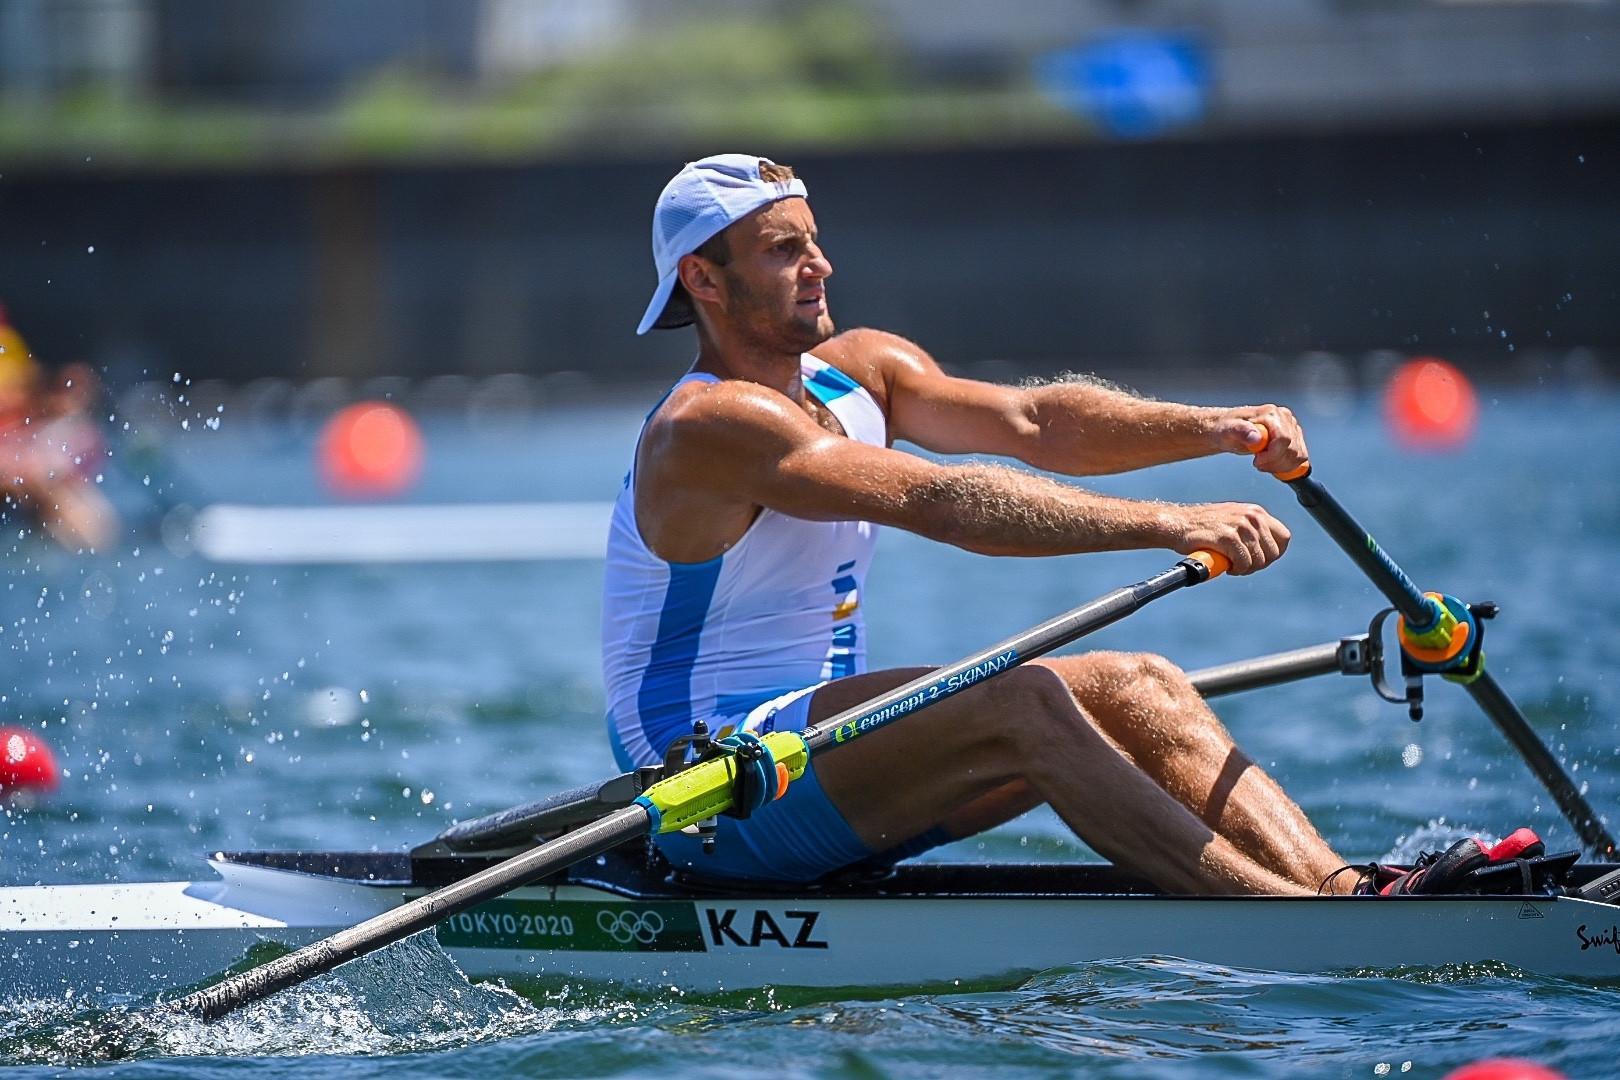 东京奥运赛艇:哈萨克斯坦选手排名小组第五